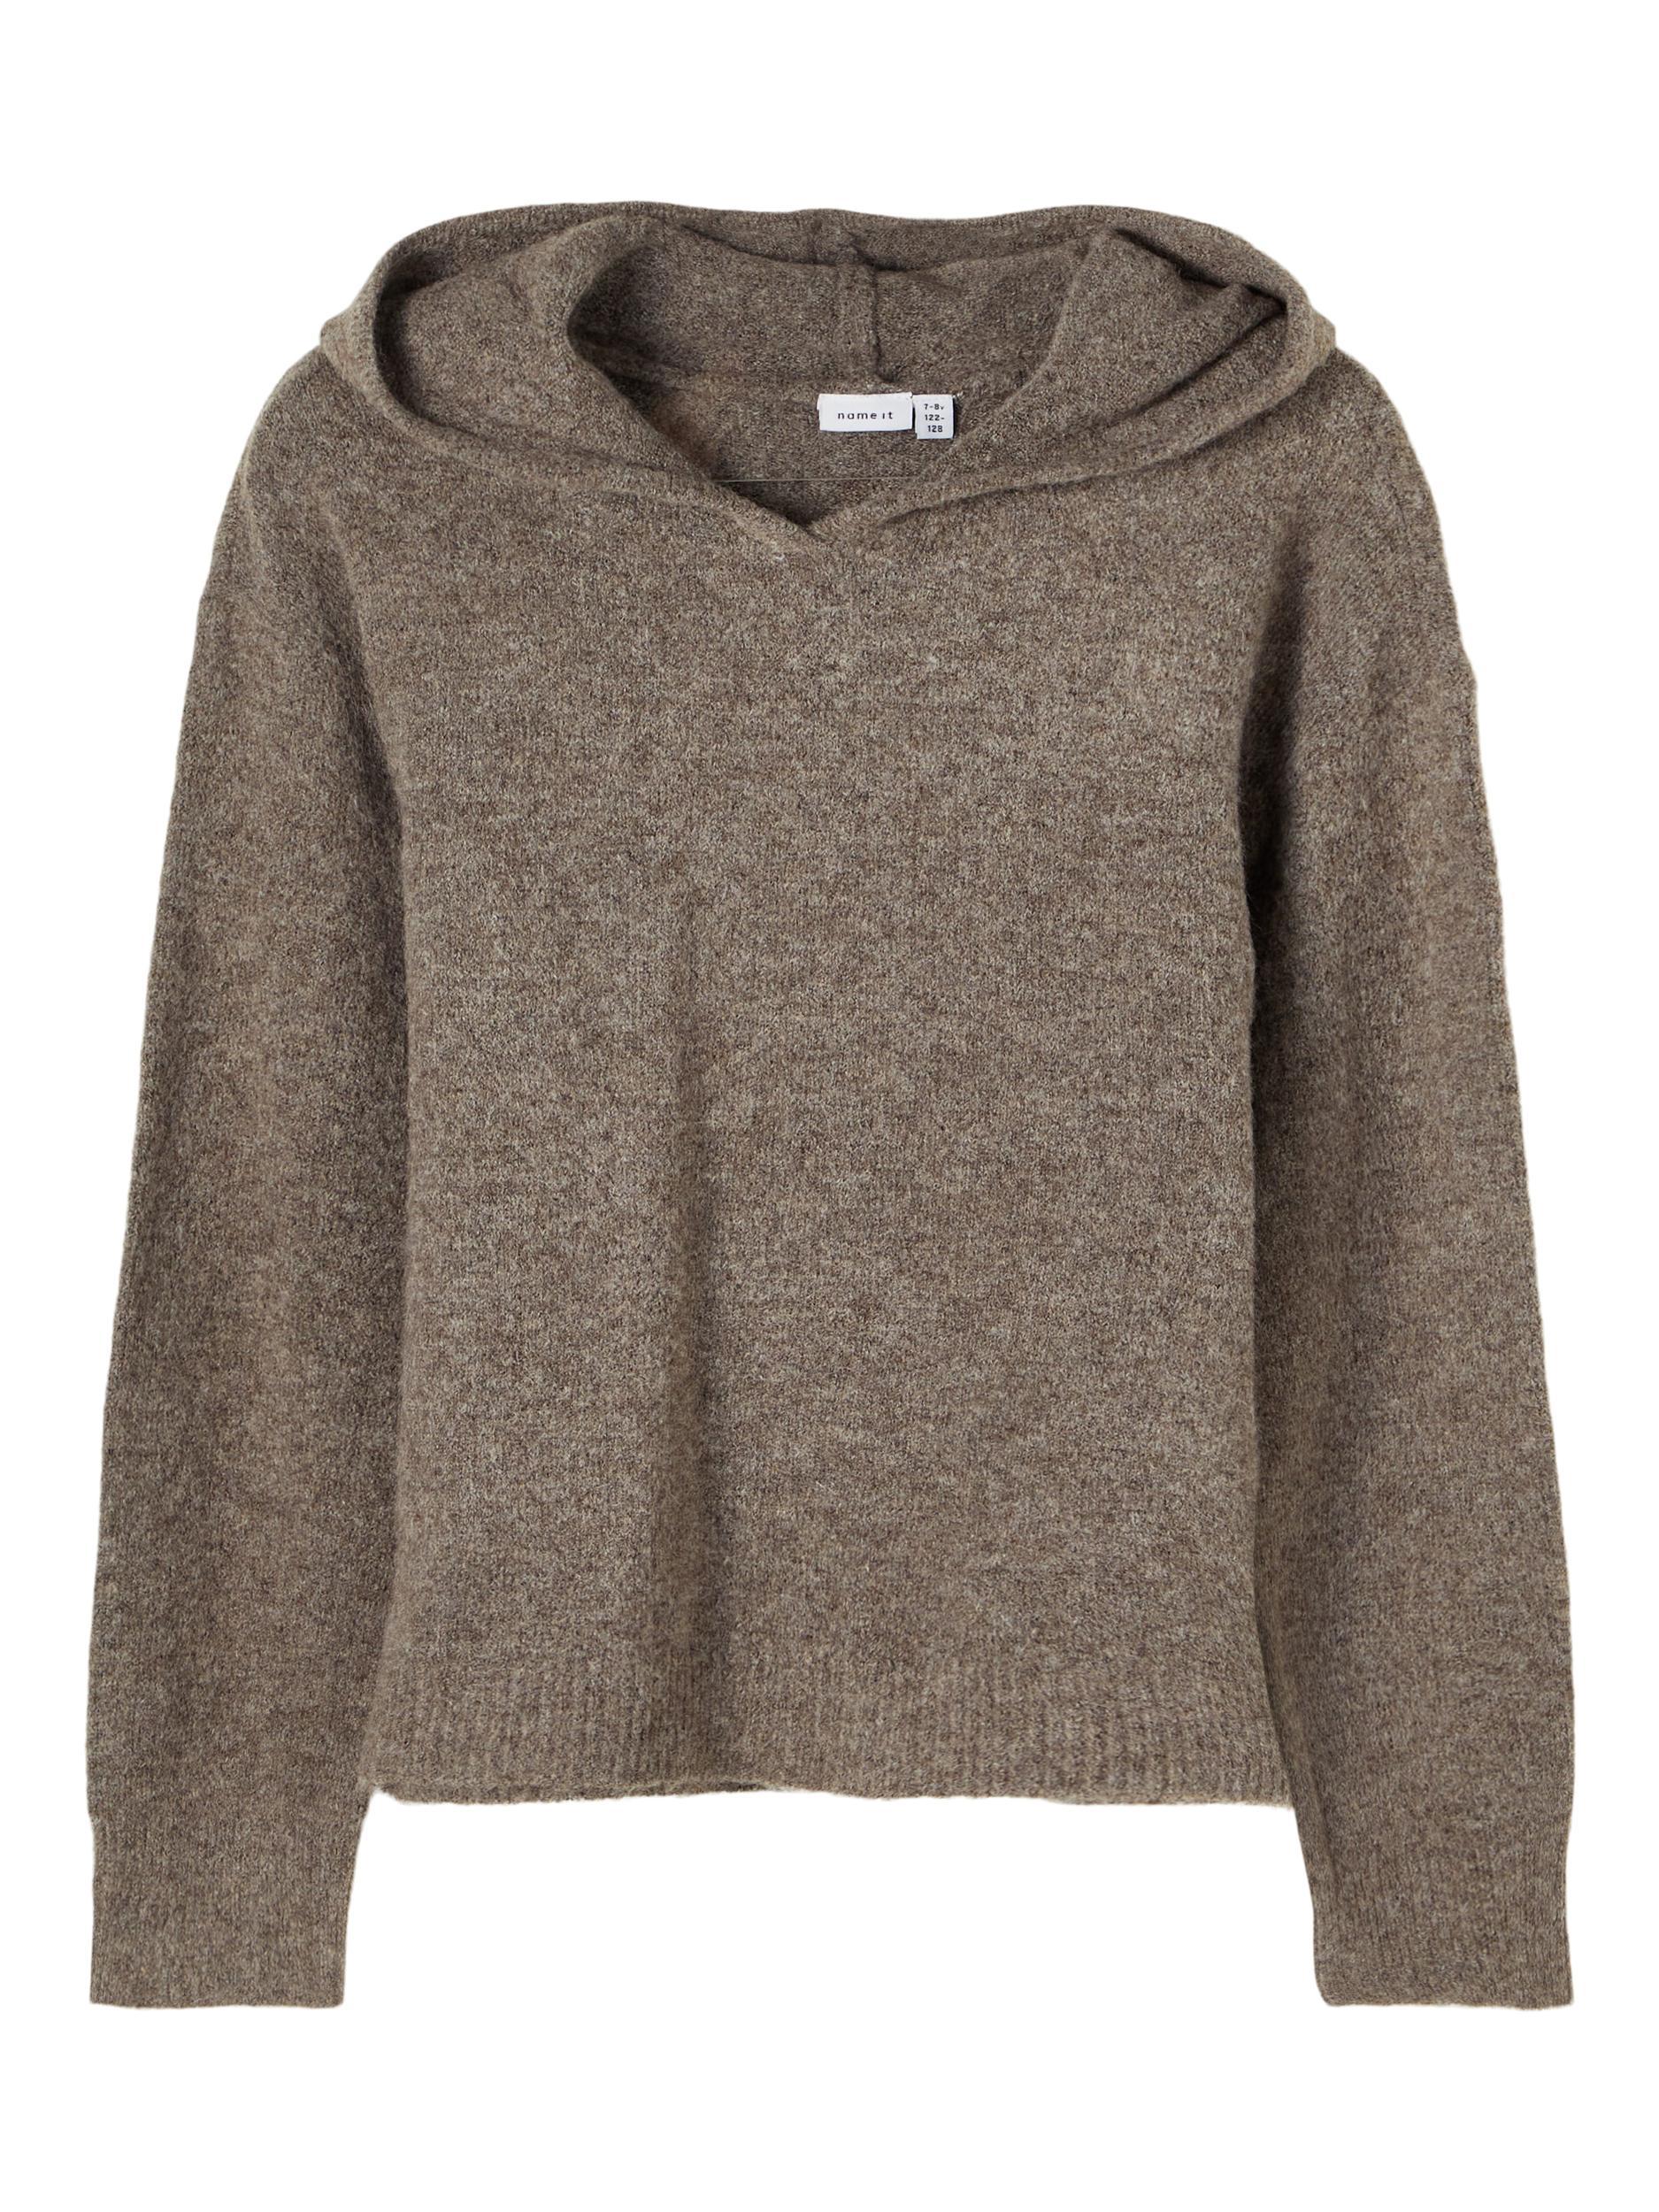 Name It Duna strik hoodie, dark grey melange, 116